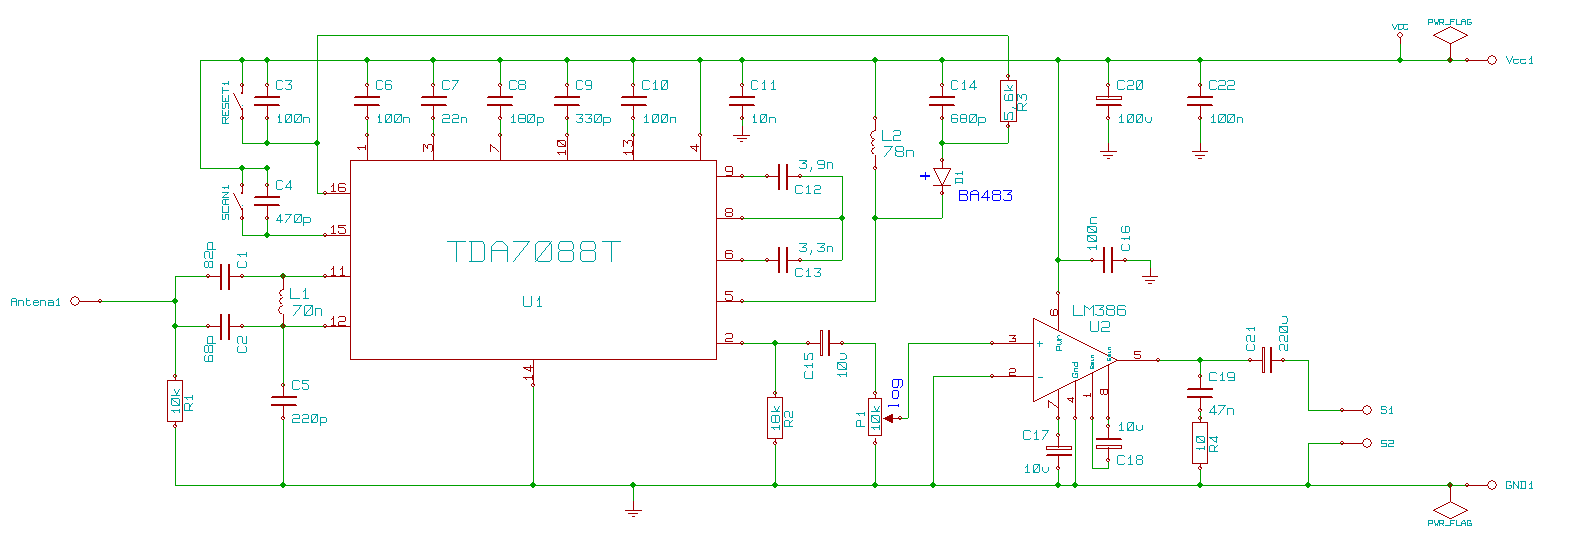 Tda7088 receiver diagram